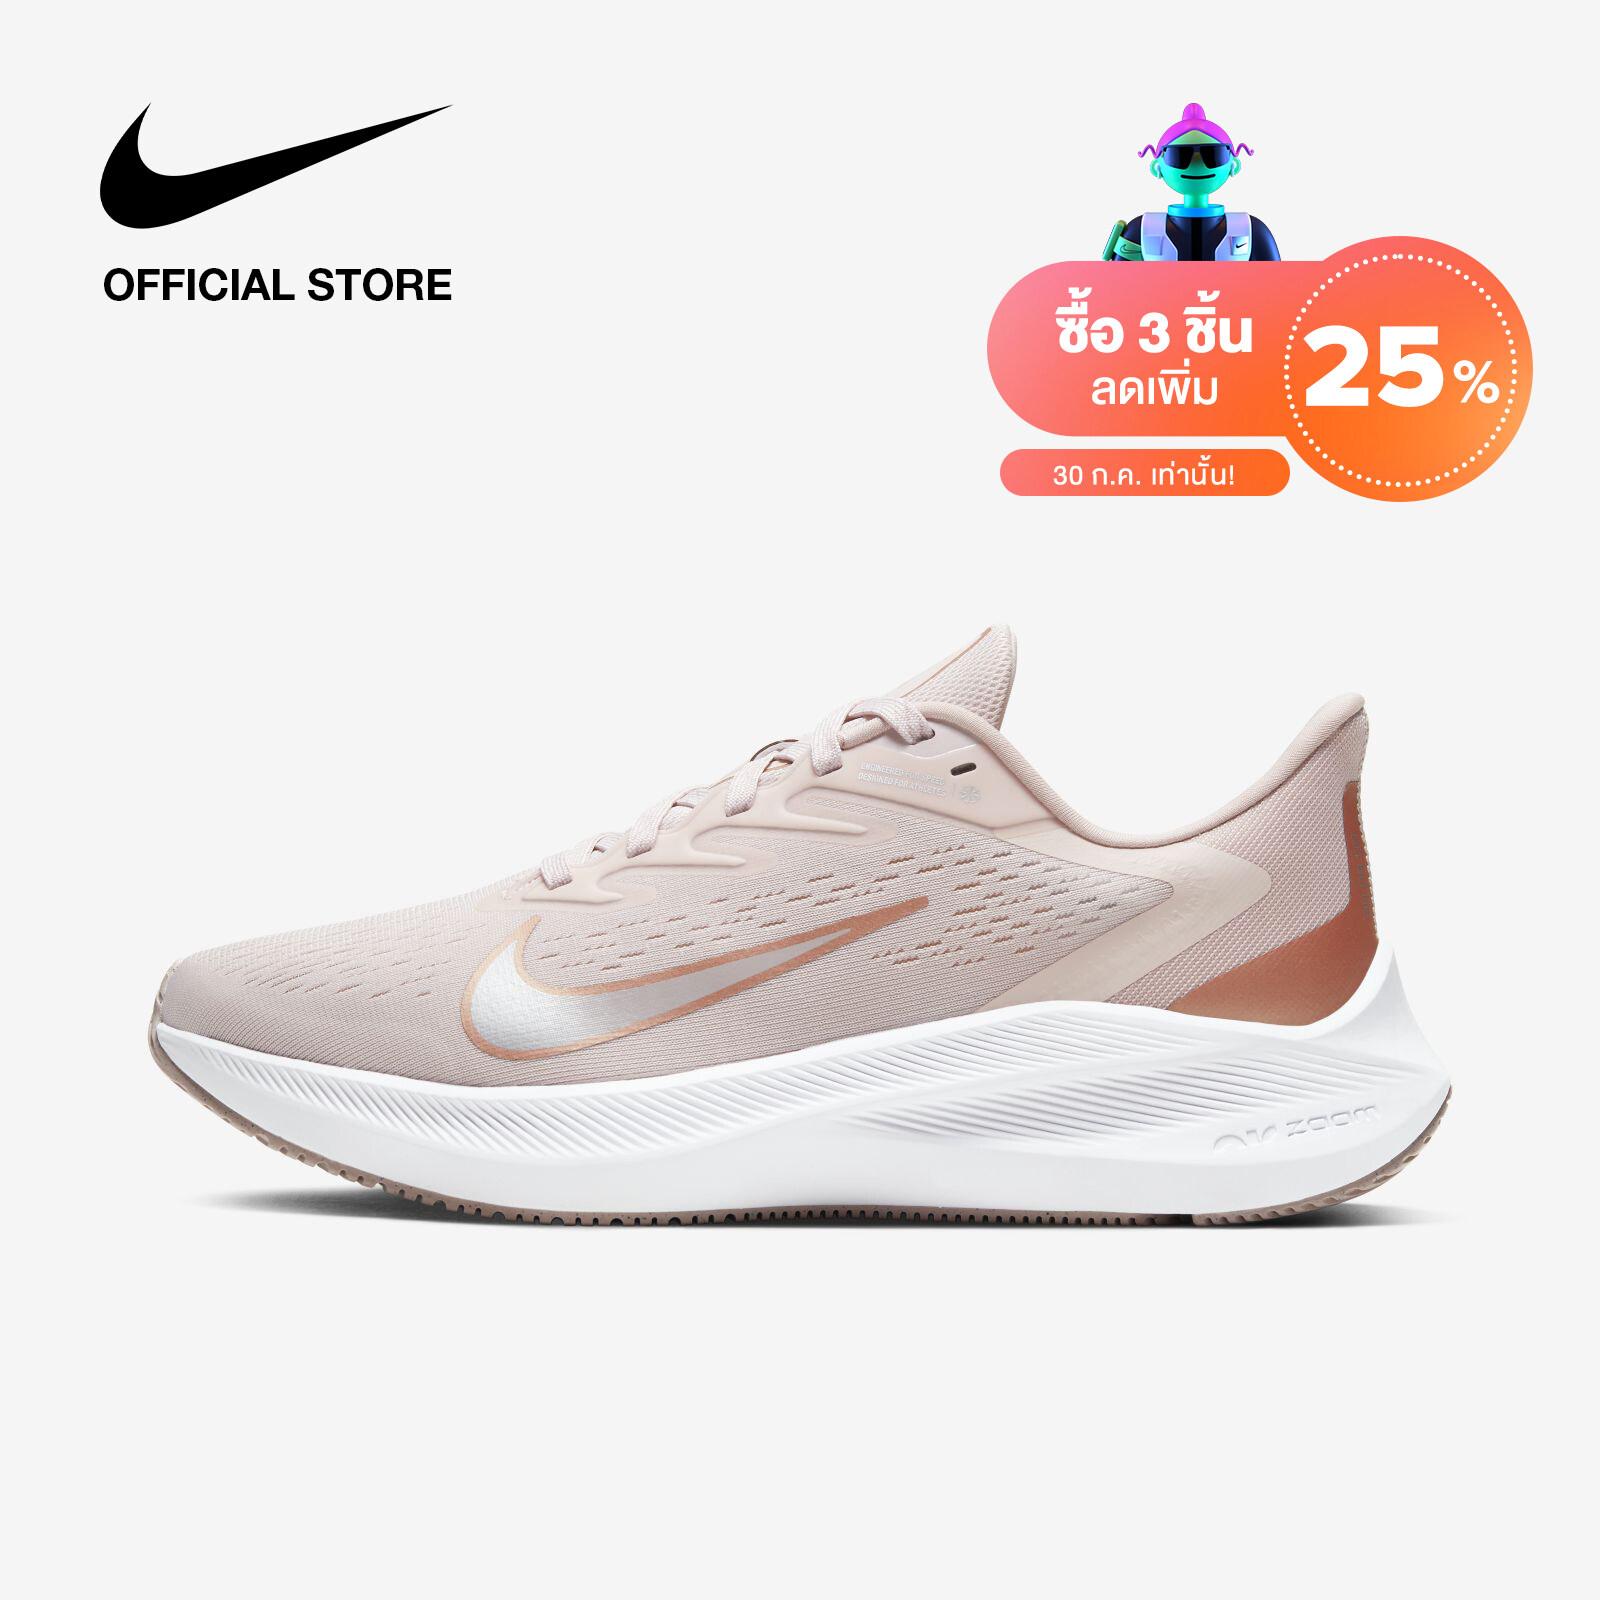 Nike Womens Zoom Winflo 7 Running Shoes - Barely Rose ไนกี้ รองเท้าวิ่งผู้หญิง ซูม วินโฟล 7 - สีชมพู.